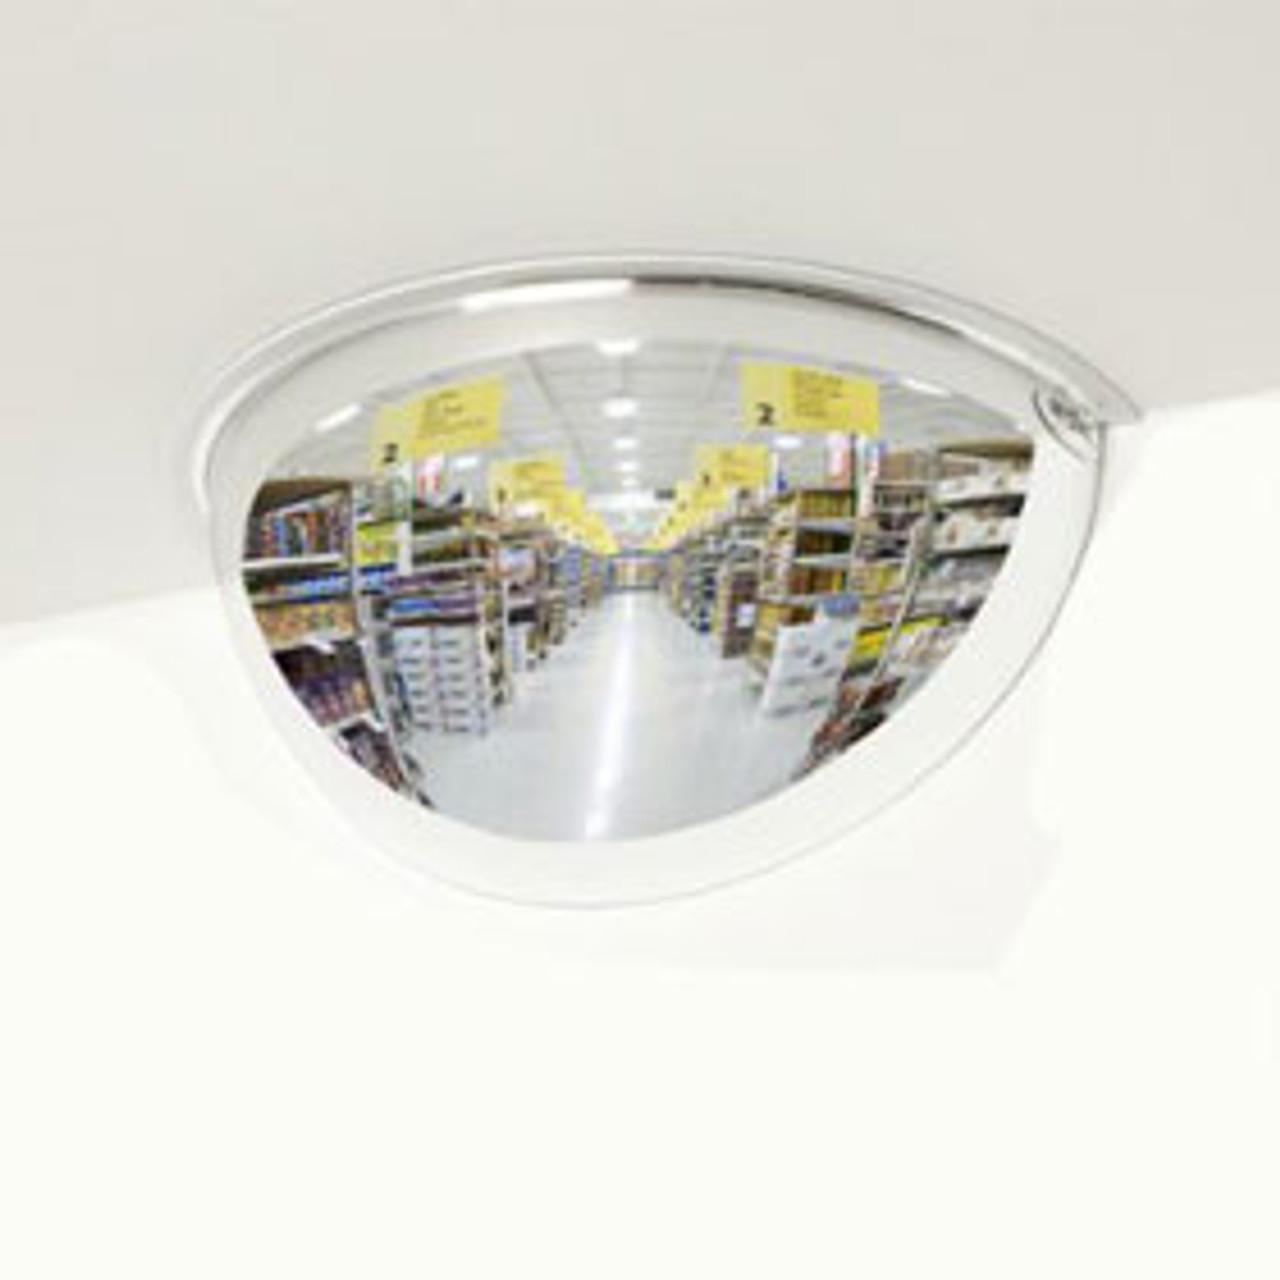 Mirrored Half Dome - 180 degrees